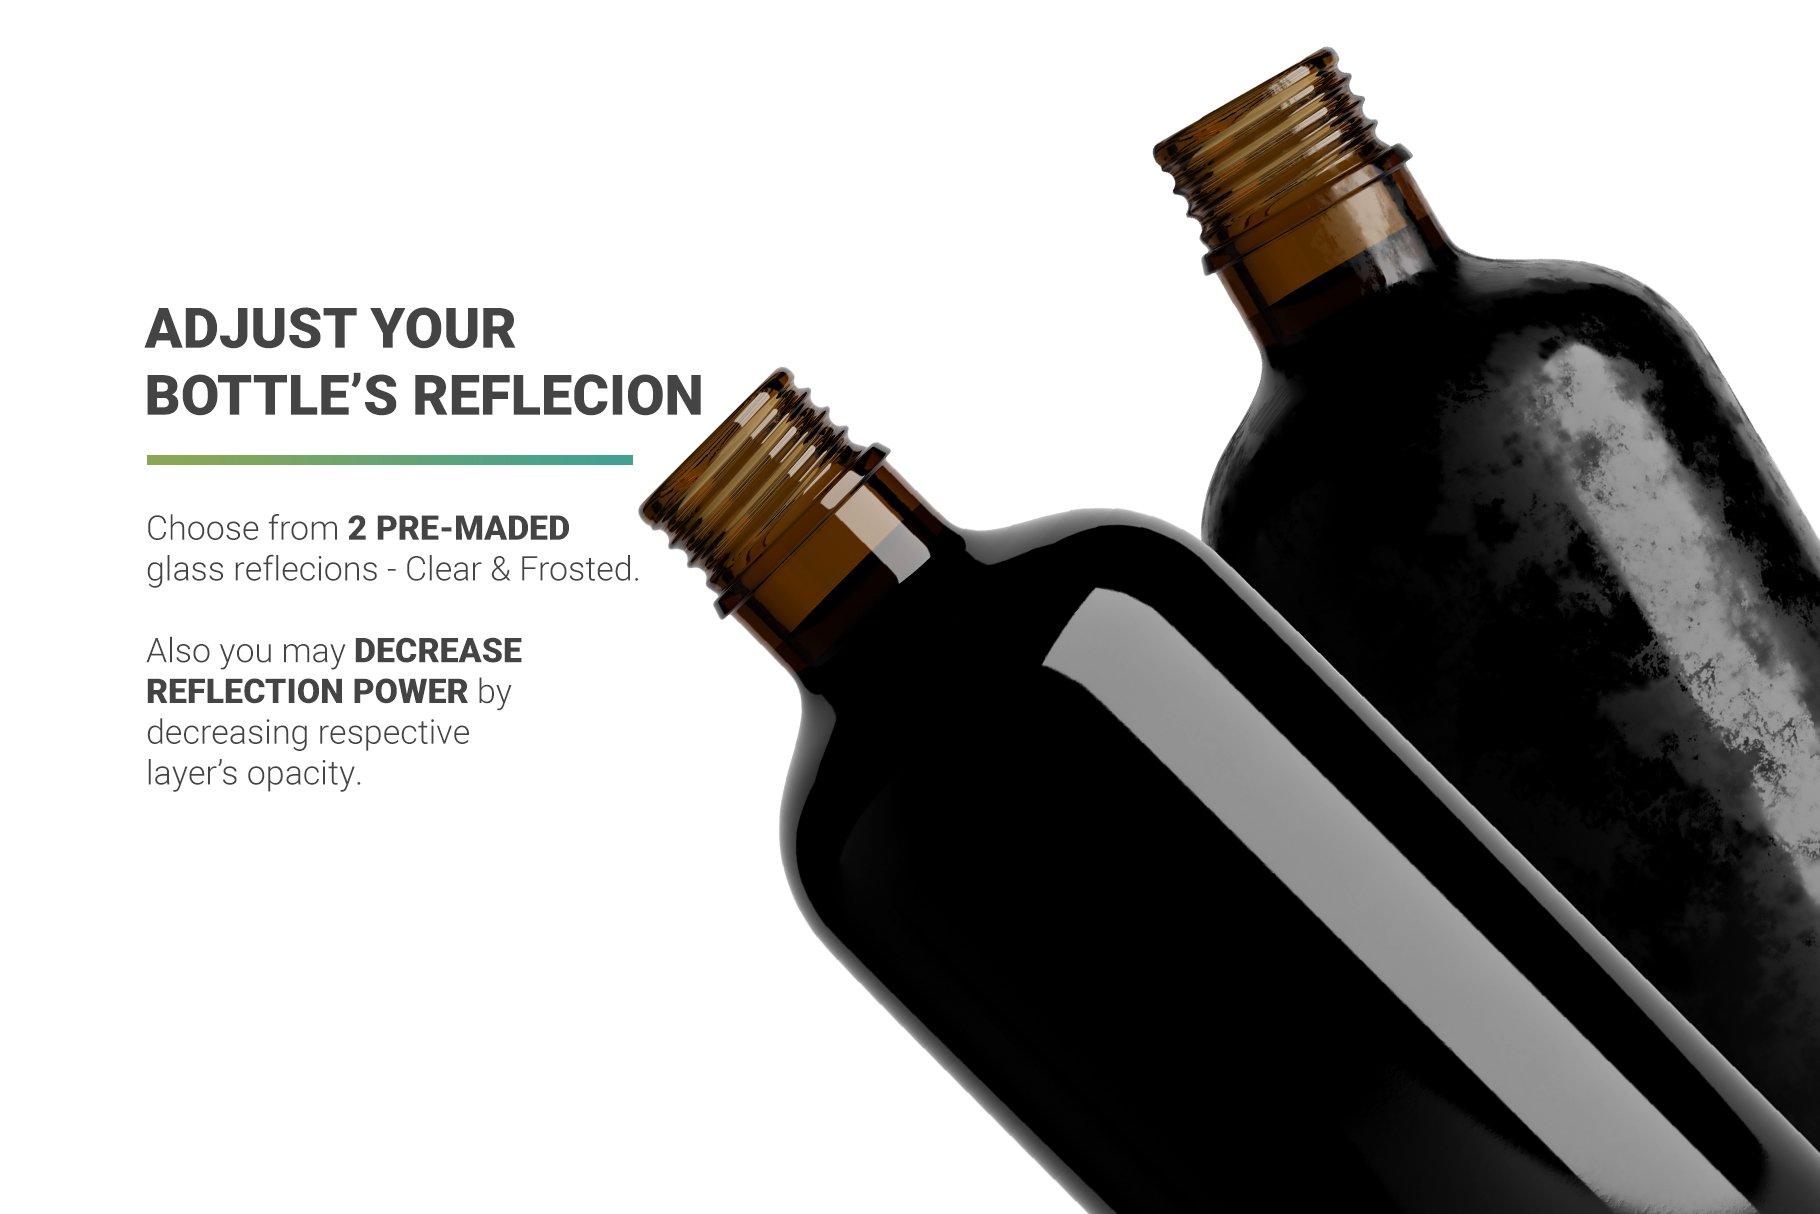 高品质冷冲咖啡包装瓶标签设计贴图样机 Coffee Bottle Mockup插图3